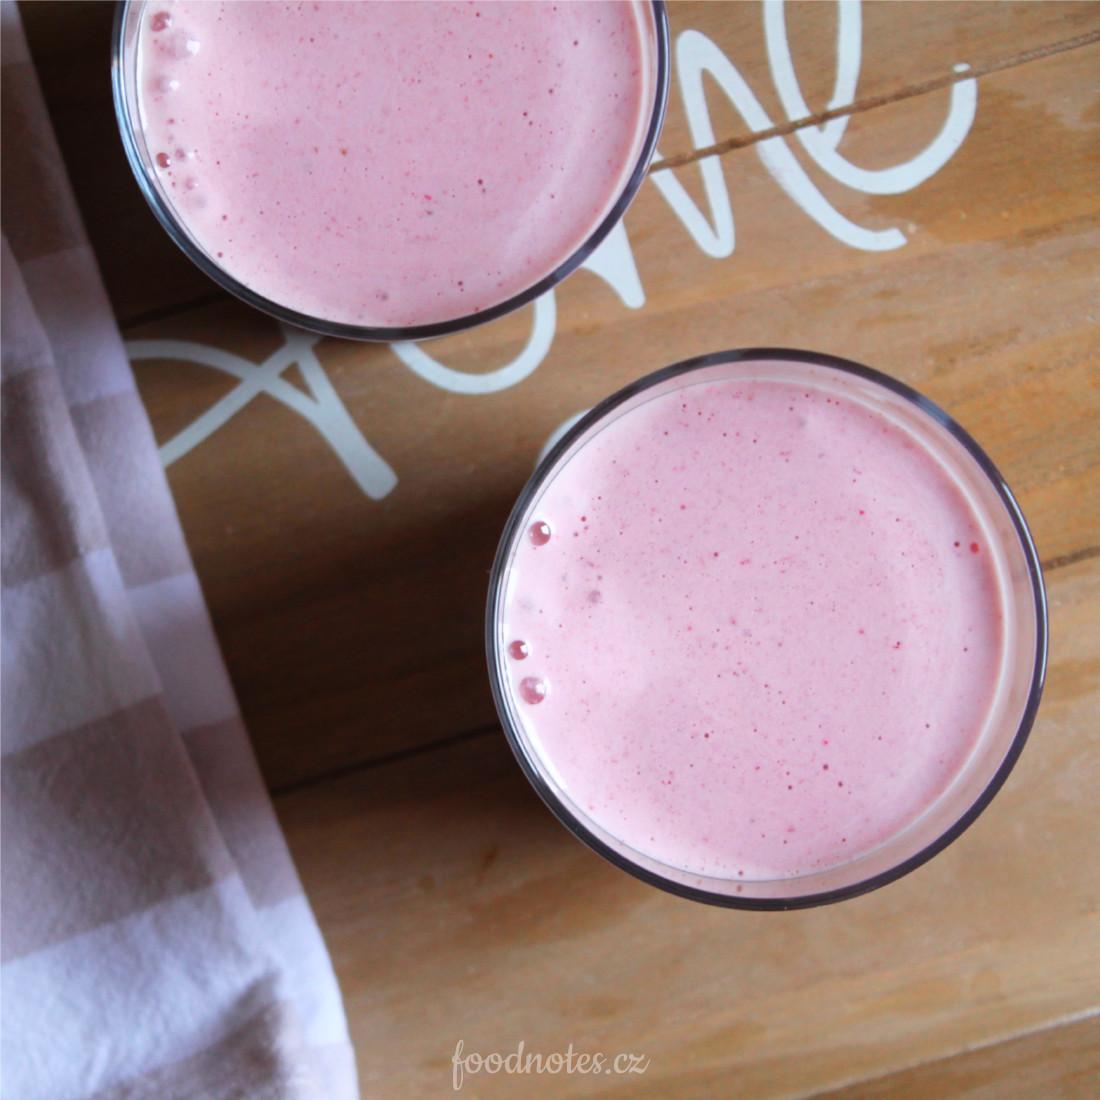 Jednoduchý recept na zdravý domácí shake z jahod a banánu